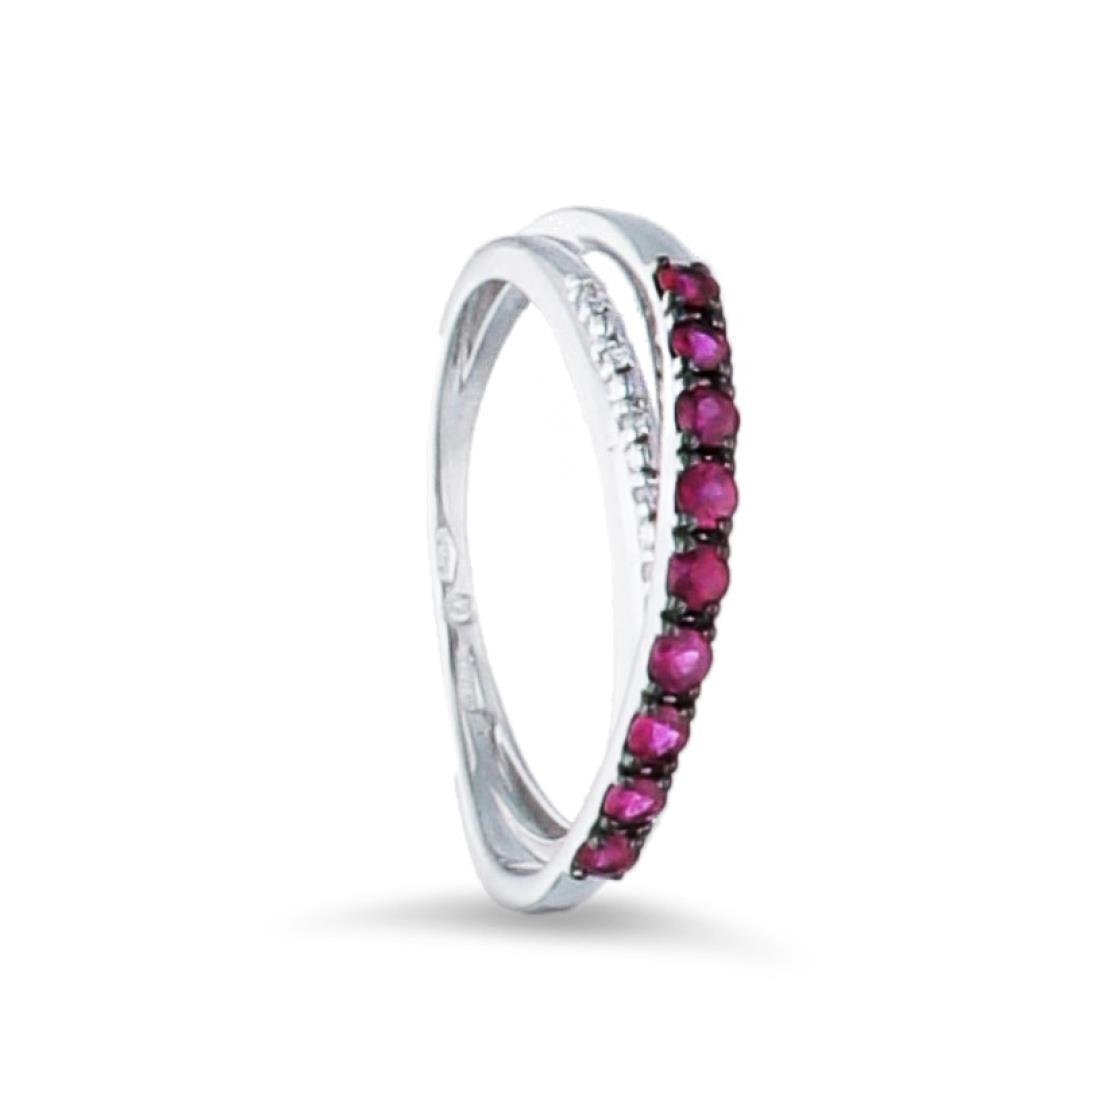 Anello con rubini e diamanti - BLISS